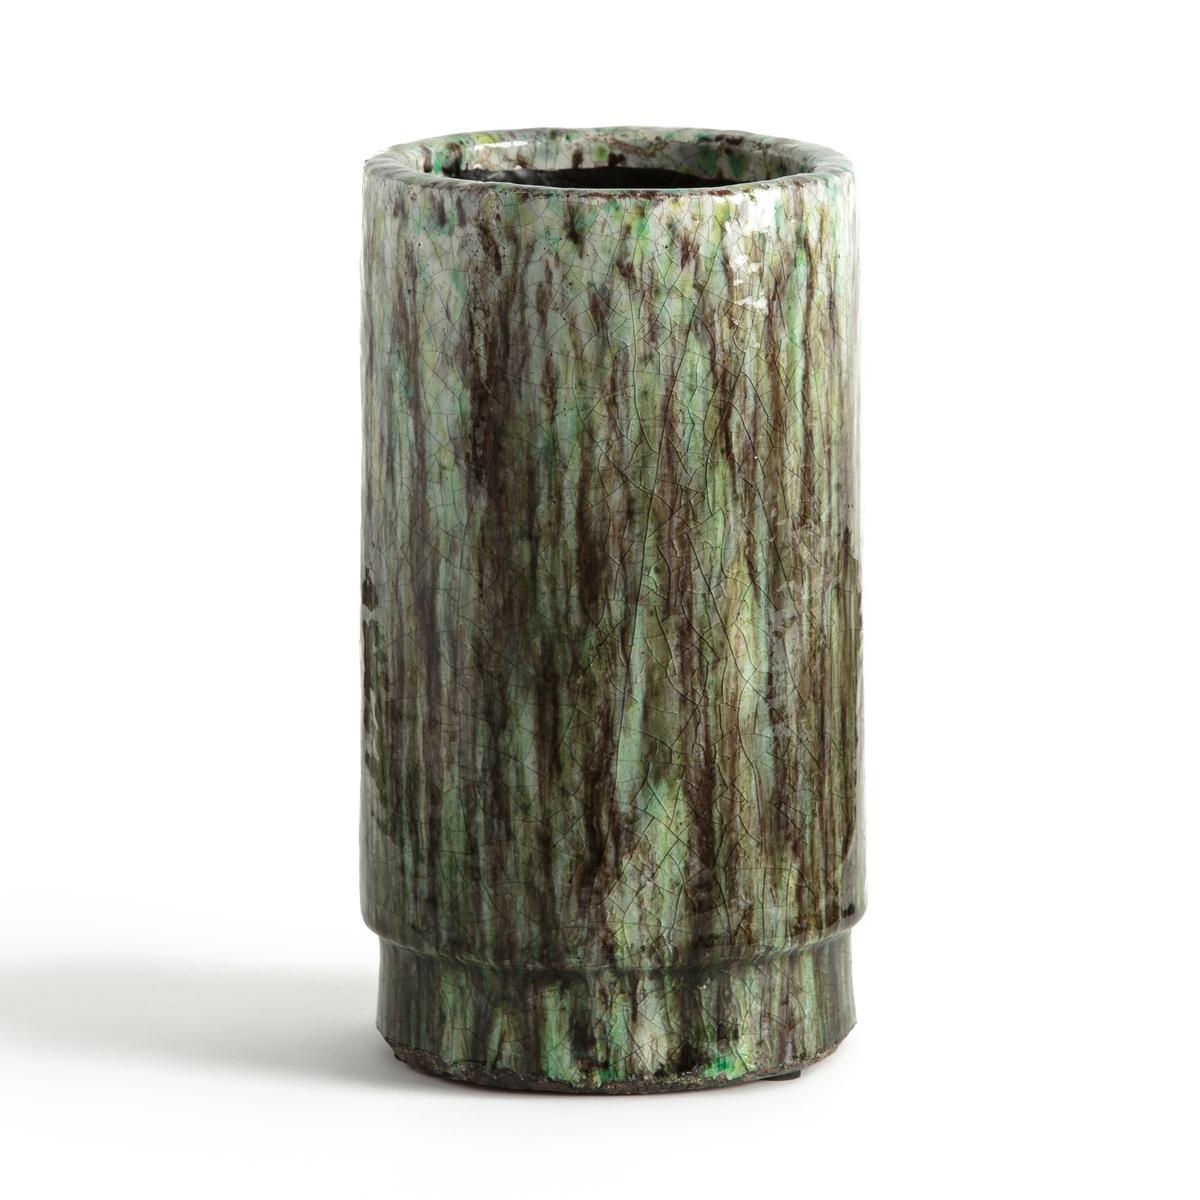 Кашпо из керамики  H27 см, V?cordieКашпо . Из эмалированной керамики с неоднородным отражающим эффектом . Размеры : ?16 x H27 см .<br><br>Цвет: зеленый/ фиолетовый